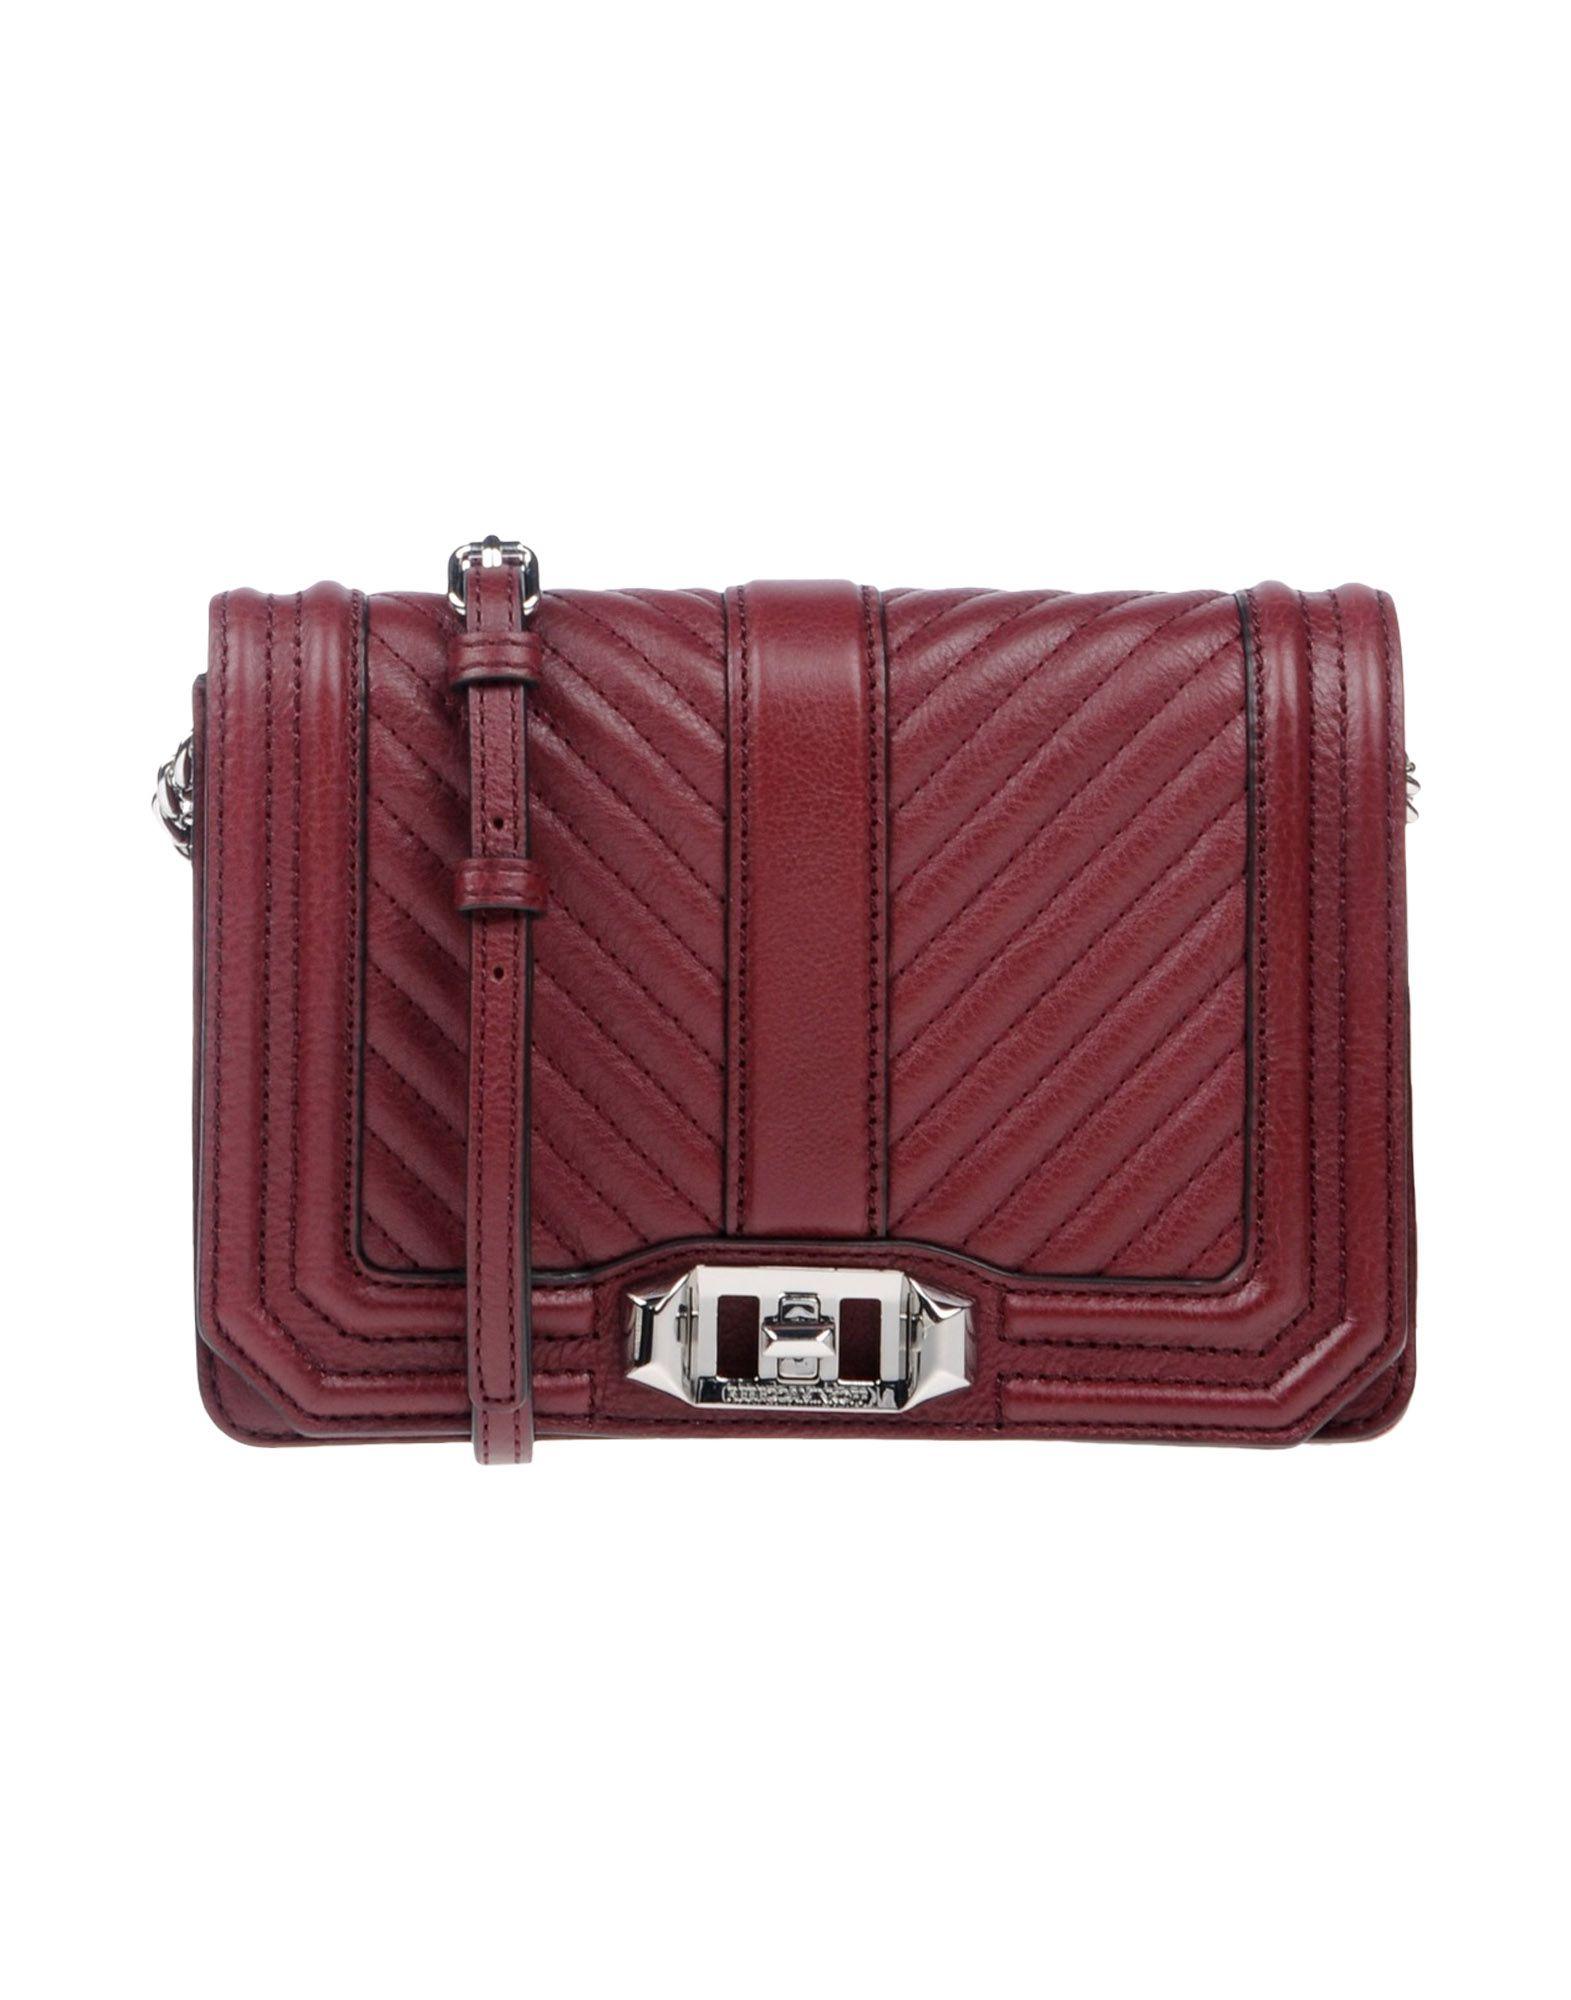 REBECCA MINKOFF Сумка через плечо сумка rebecca minkoff hc36ipbx15 415